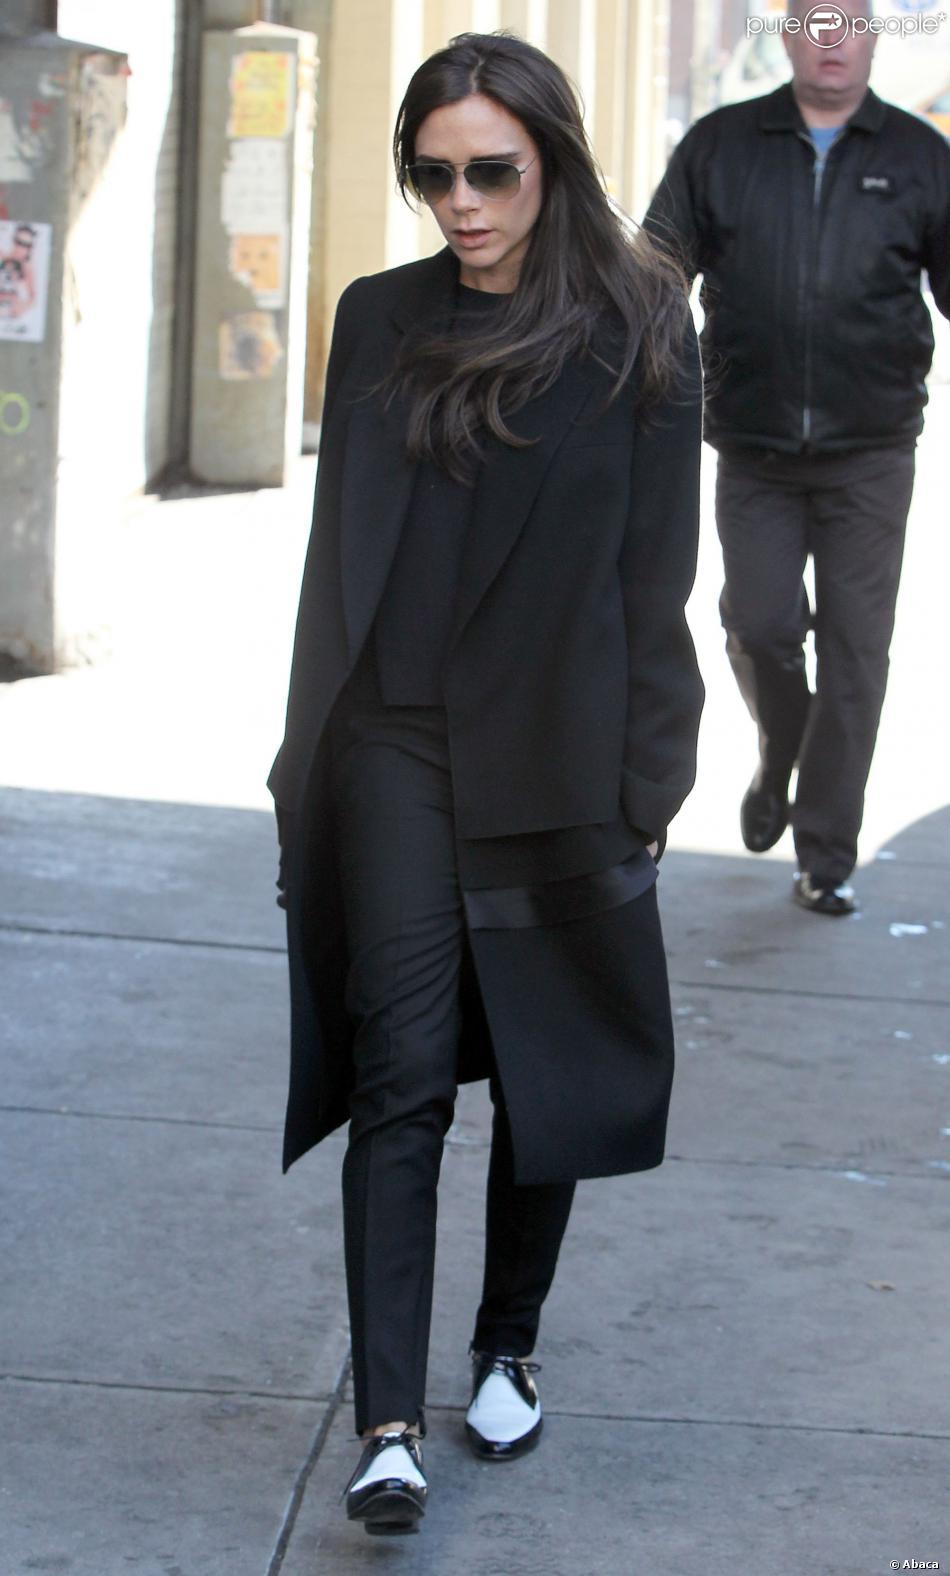 Victoria Beckham, de sortie à New York en période de Fashion Week, porte avec brio sa tenue black & white composée de lunettes et d'un manteau Victoria Beckham, un pantalon et des souliers Saint Laurent. Le 11 février 2014.